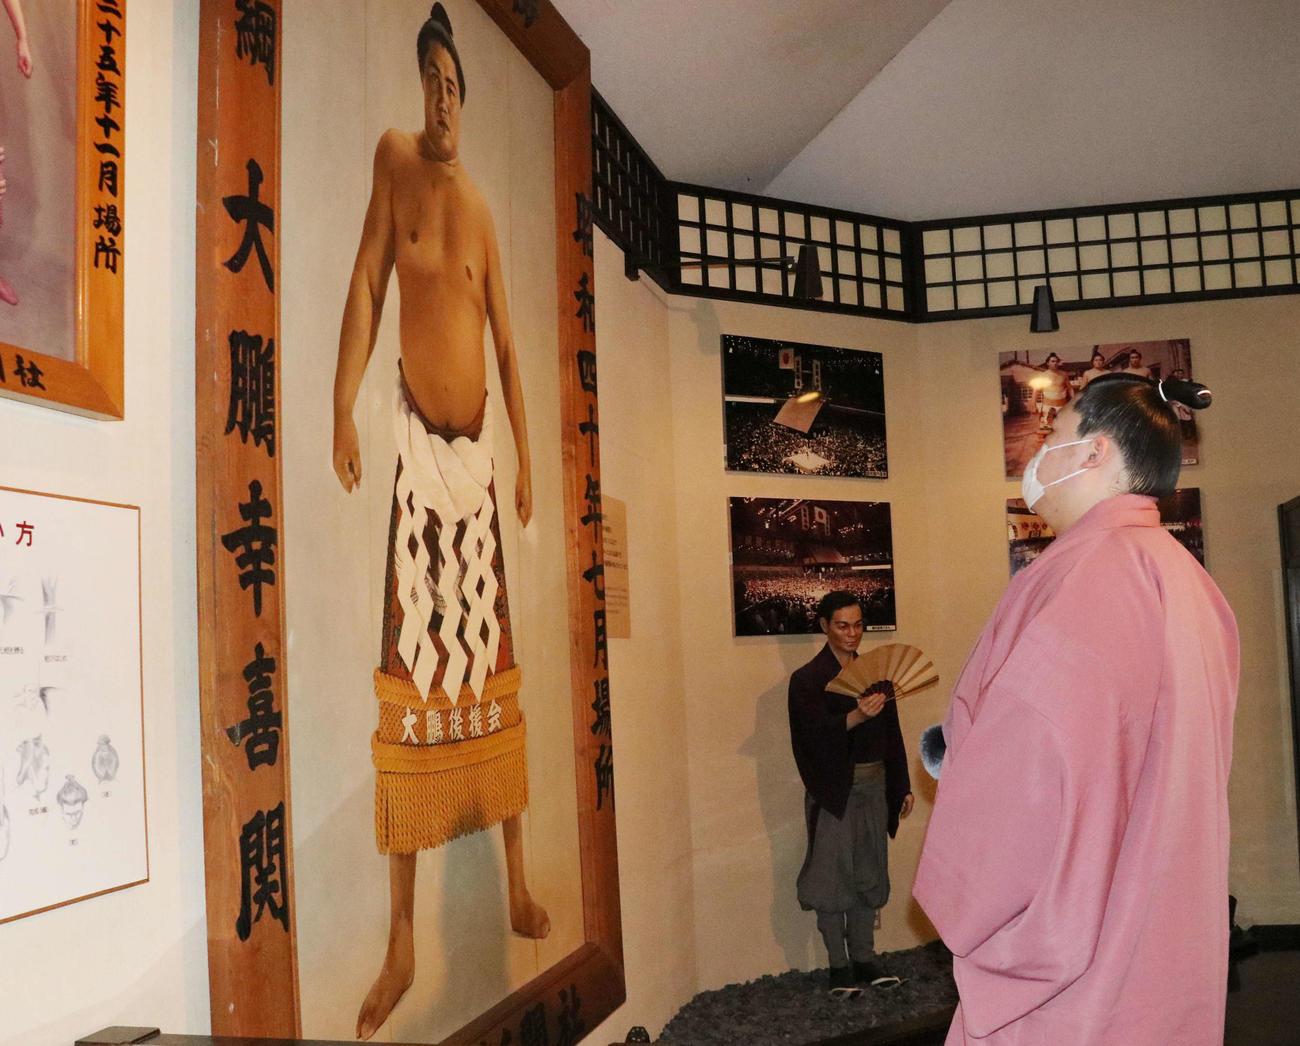 祖父大鵬ゆかりの品が飾られている北海道弟子屈町内の大鵬相撲記念館を訪問した王鵬(撮影・浅水友輝)